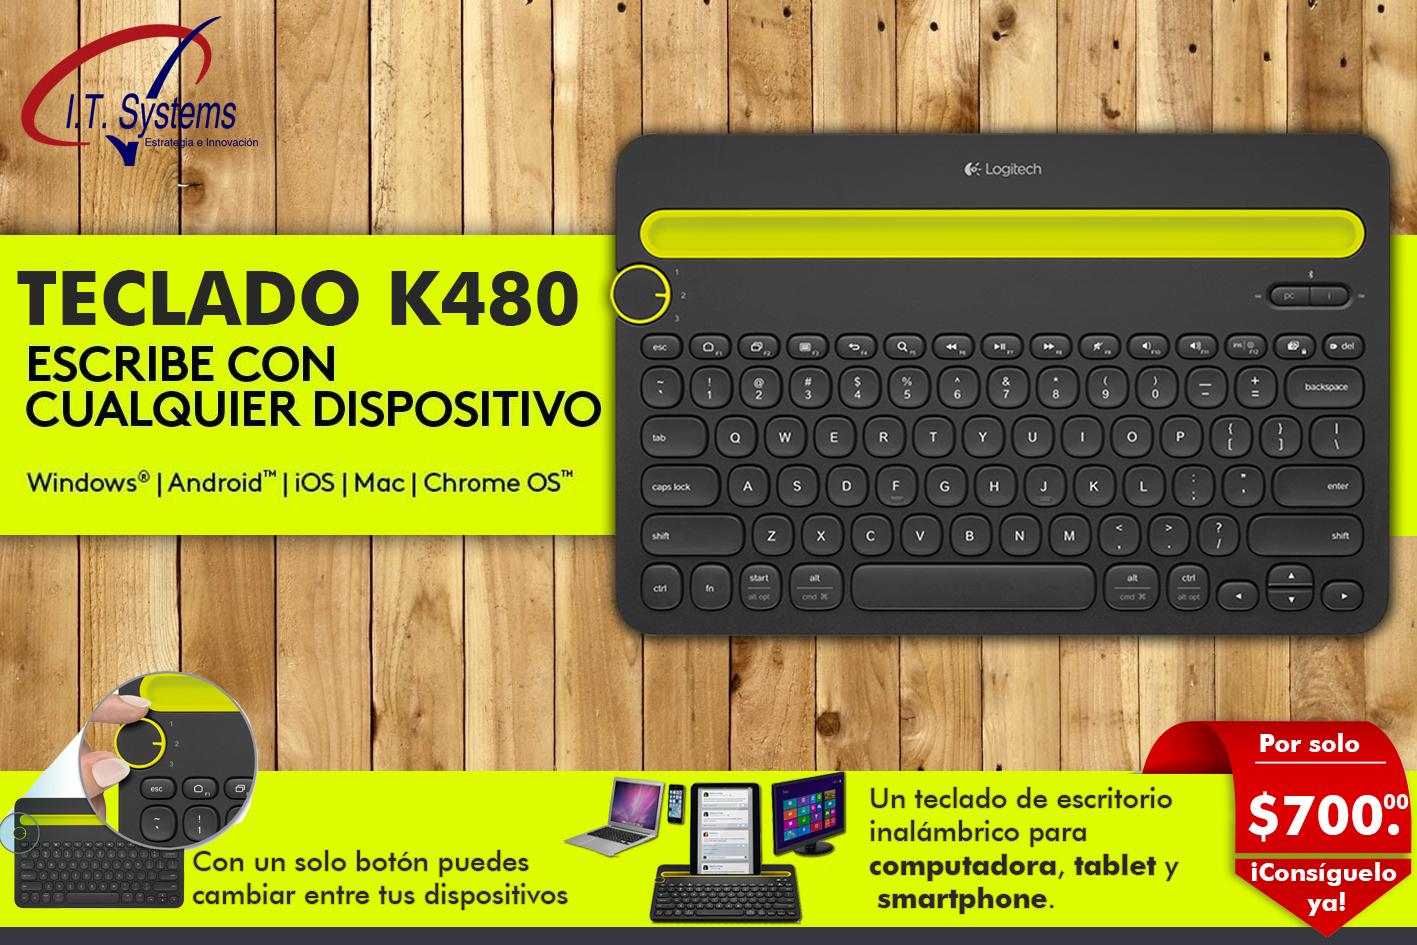 promo teclado